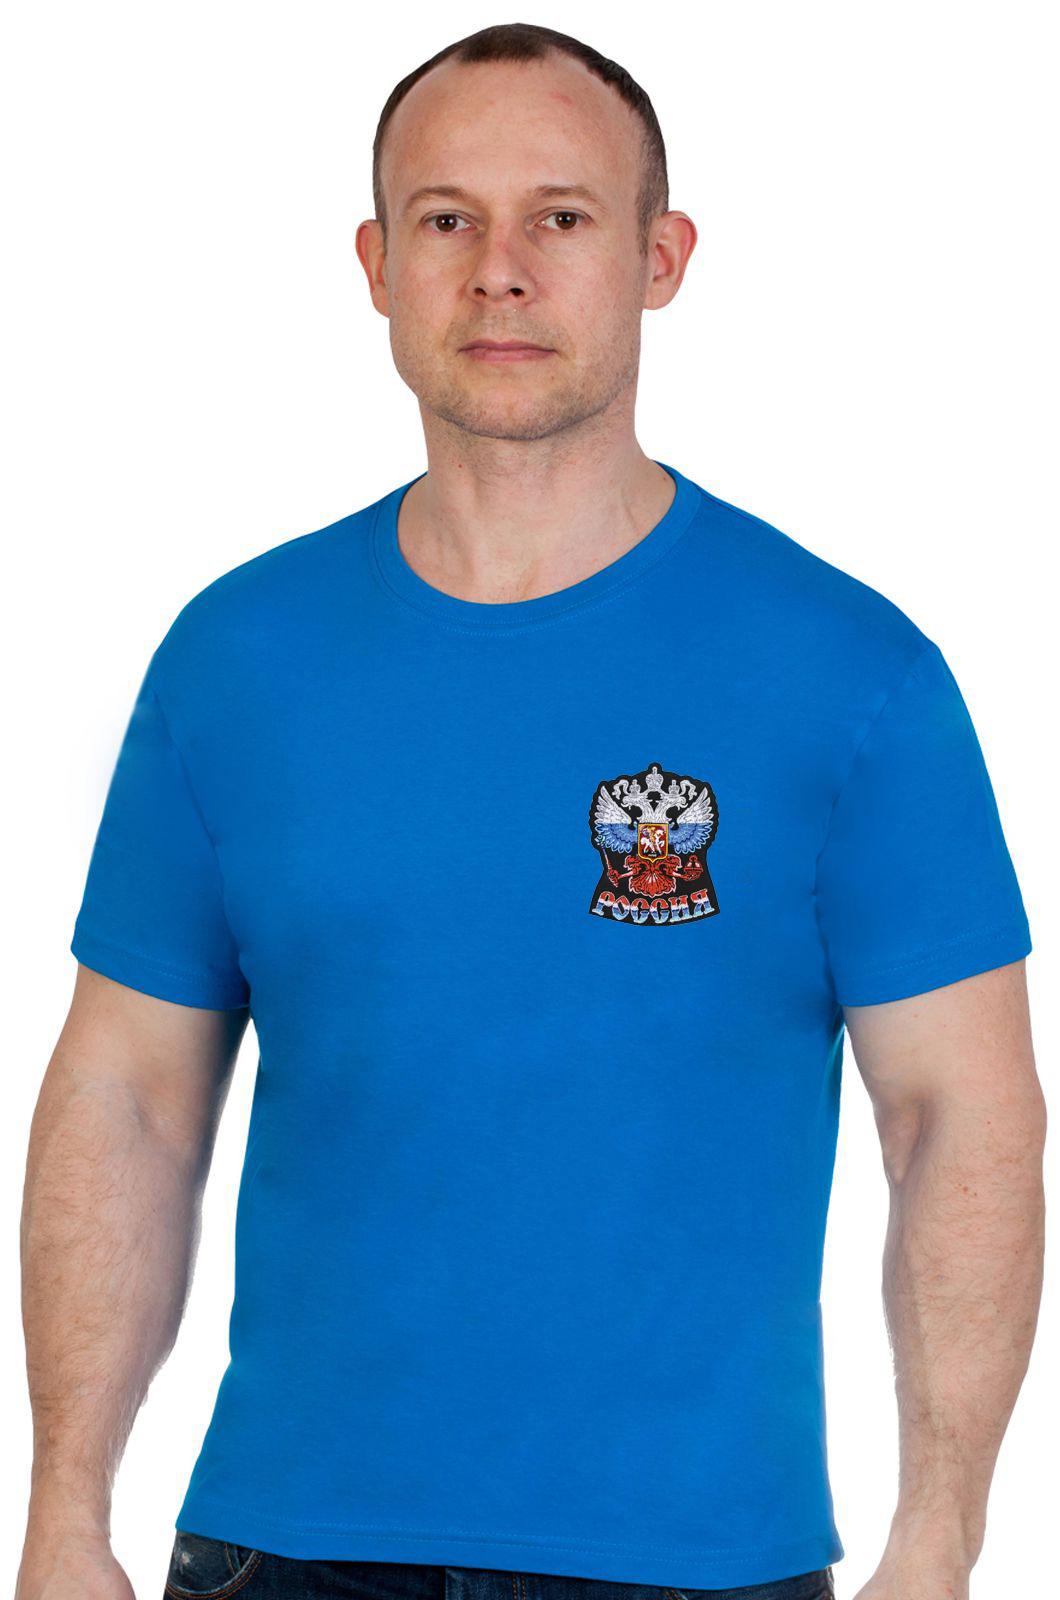 Купить мужскую синюю футболку с Гербом России с доставкой выгодно